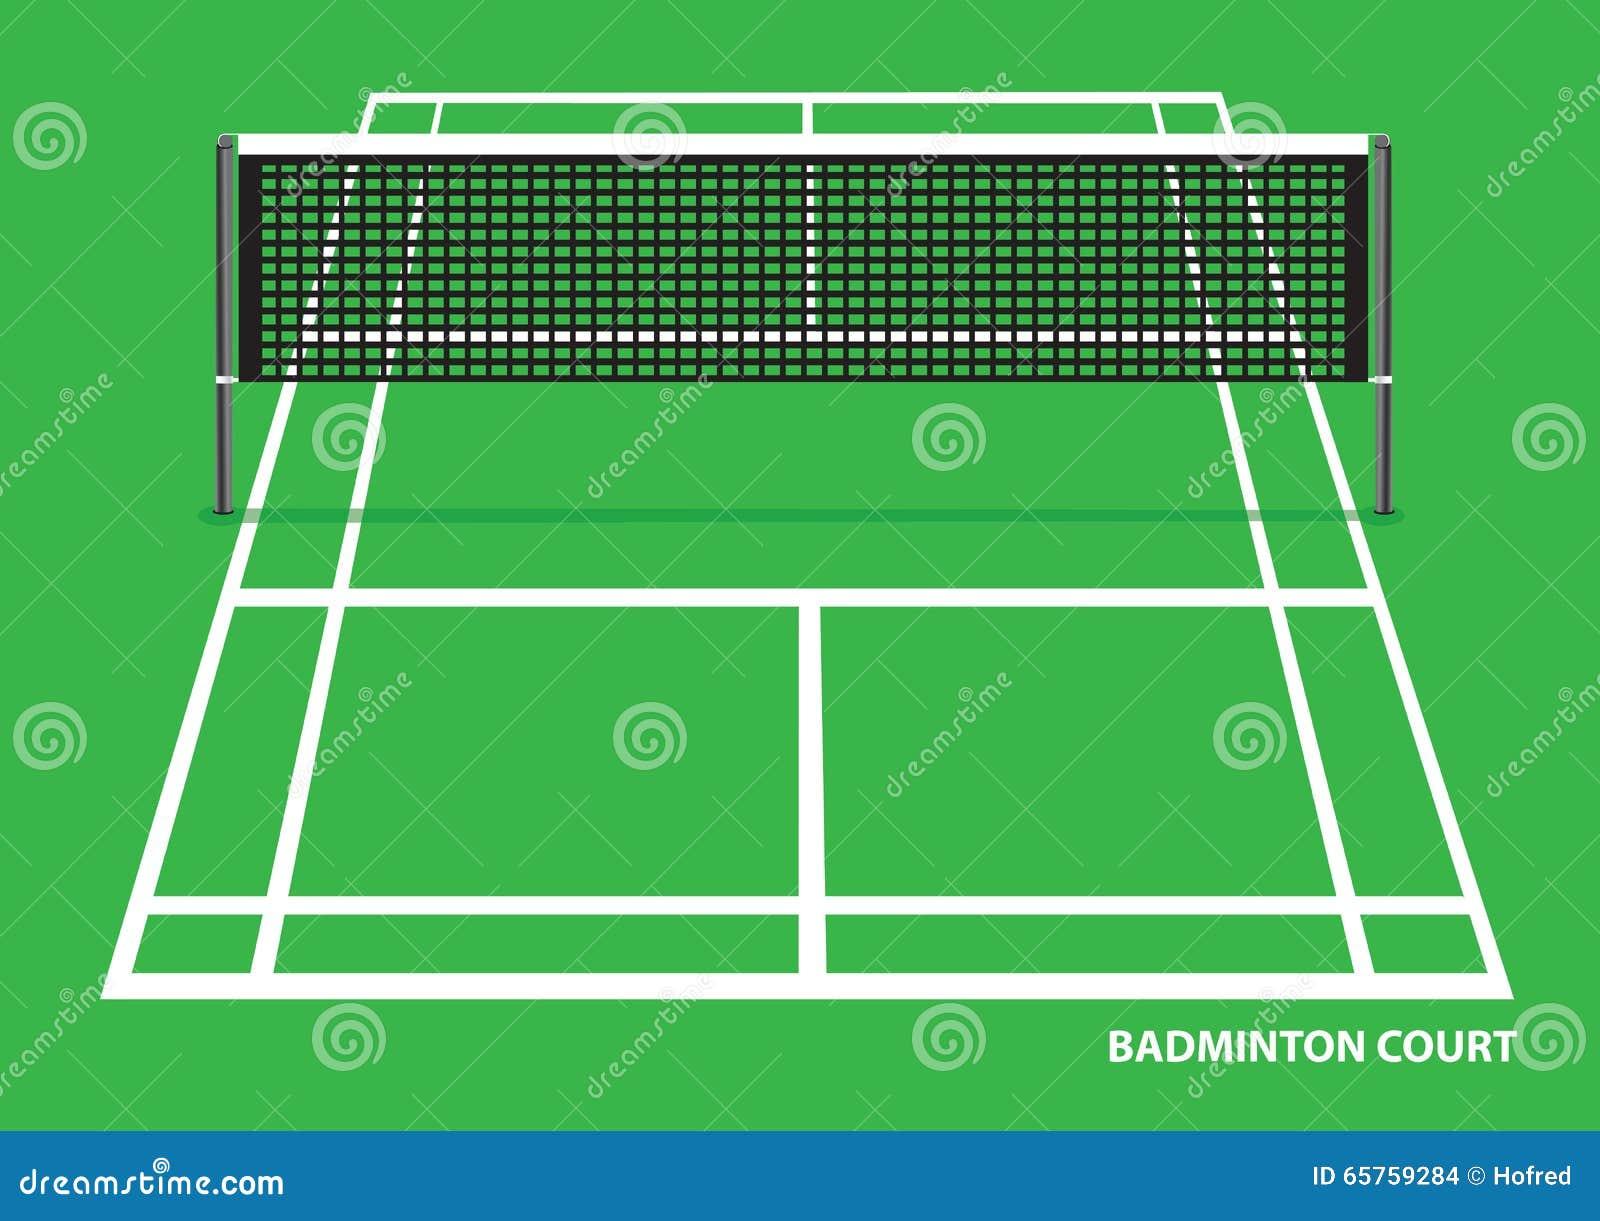 Illustrazione di vettore del campo da badminton for Taille court de tennis